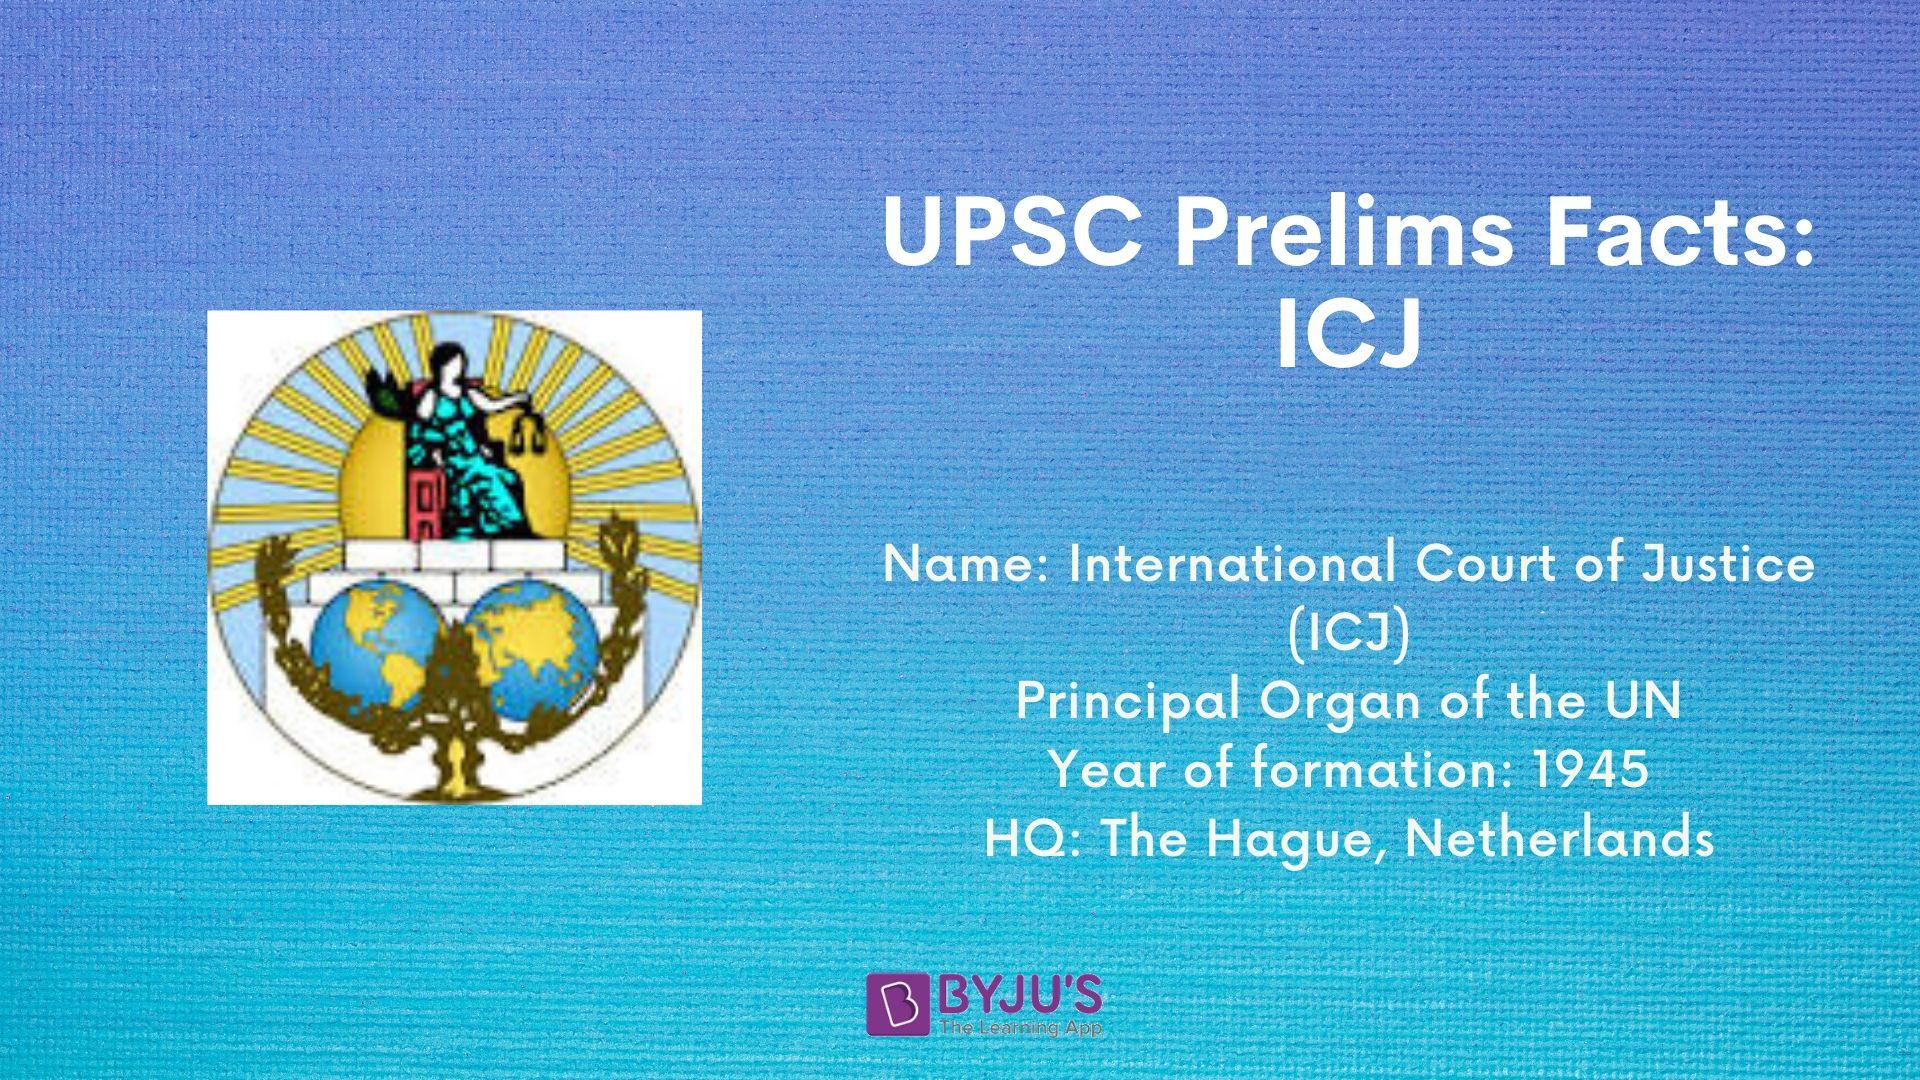 UPSC Prelims Facts - ICJ